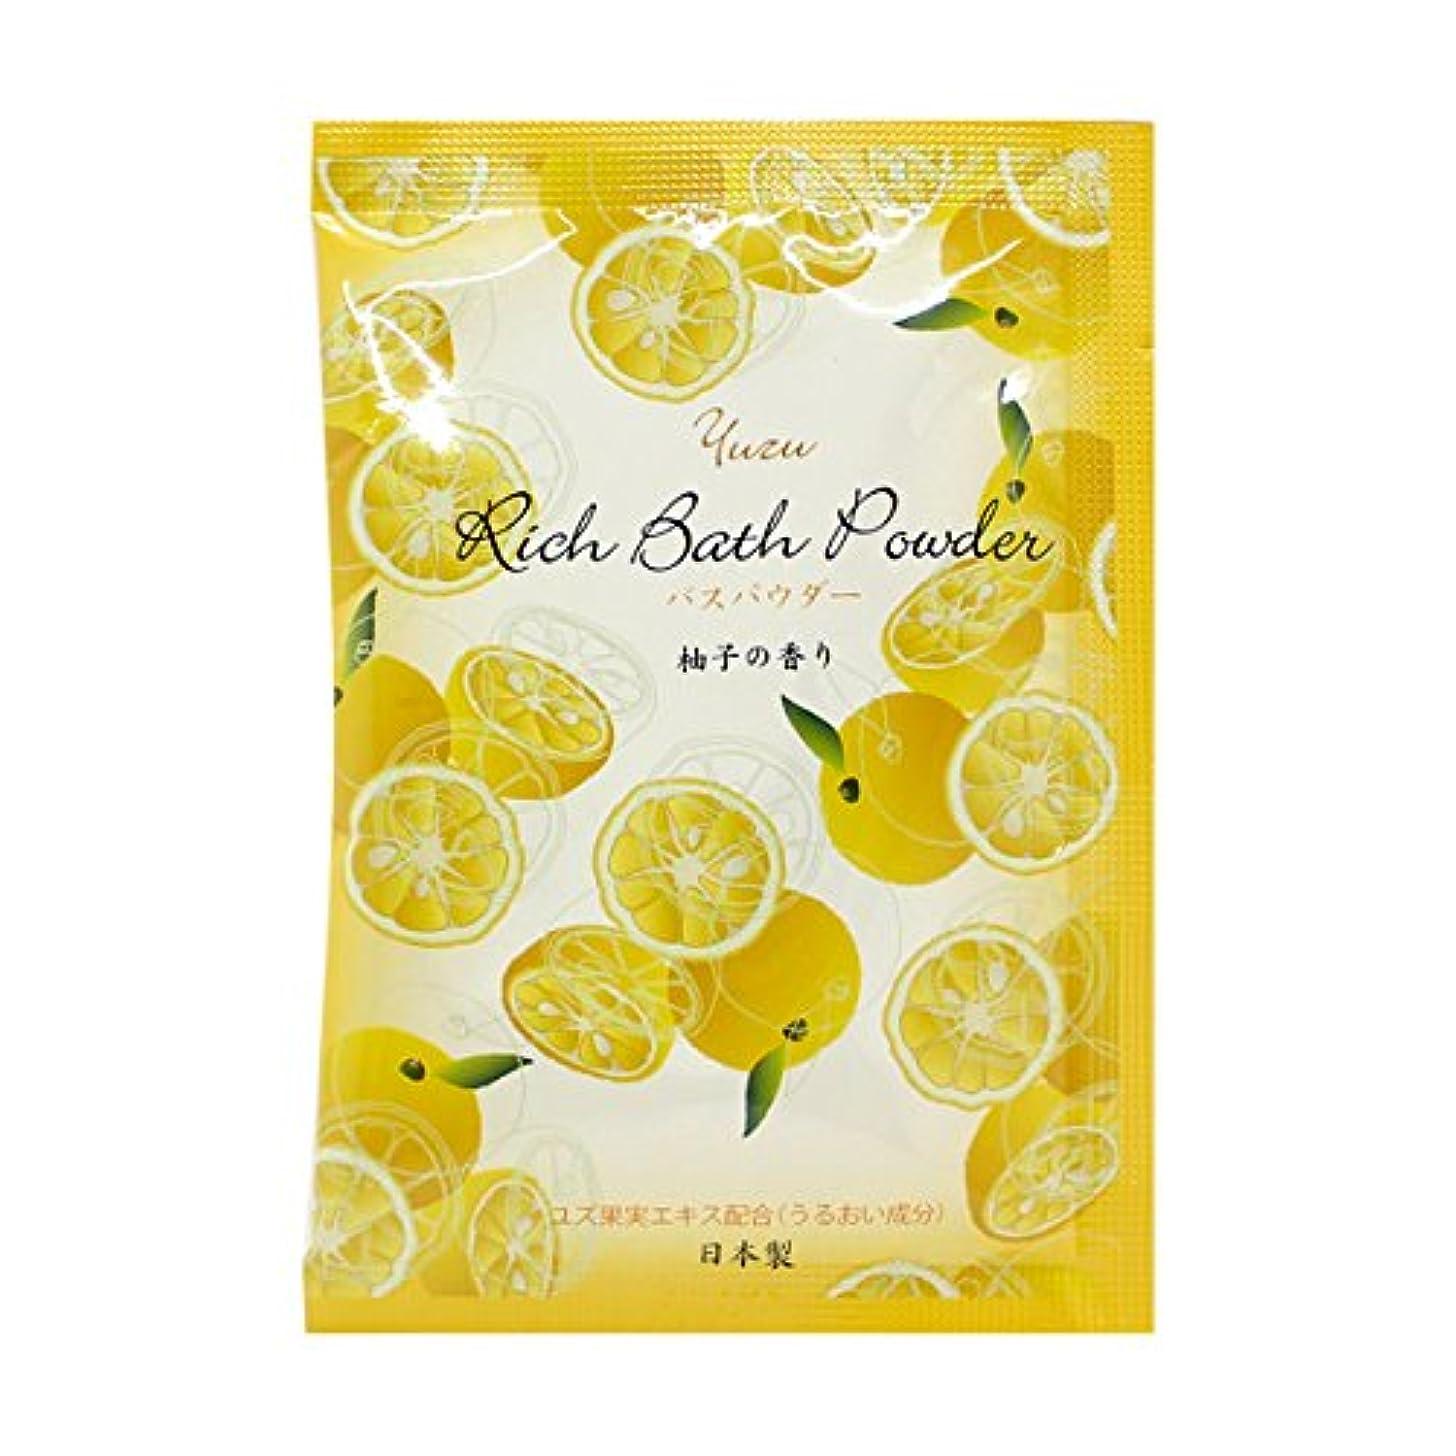 のり人気の寝室を掃除するハーバルエクストラ リッチバスパウダー 「柚子の香り」30個